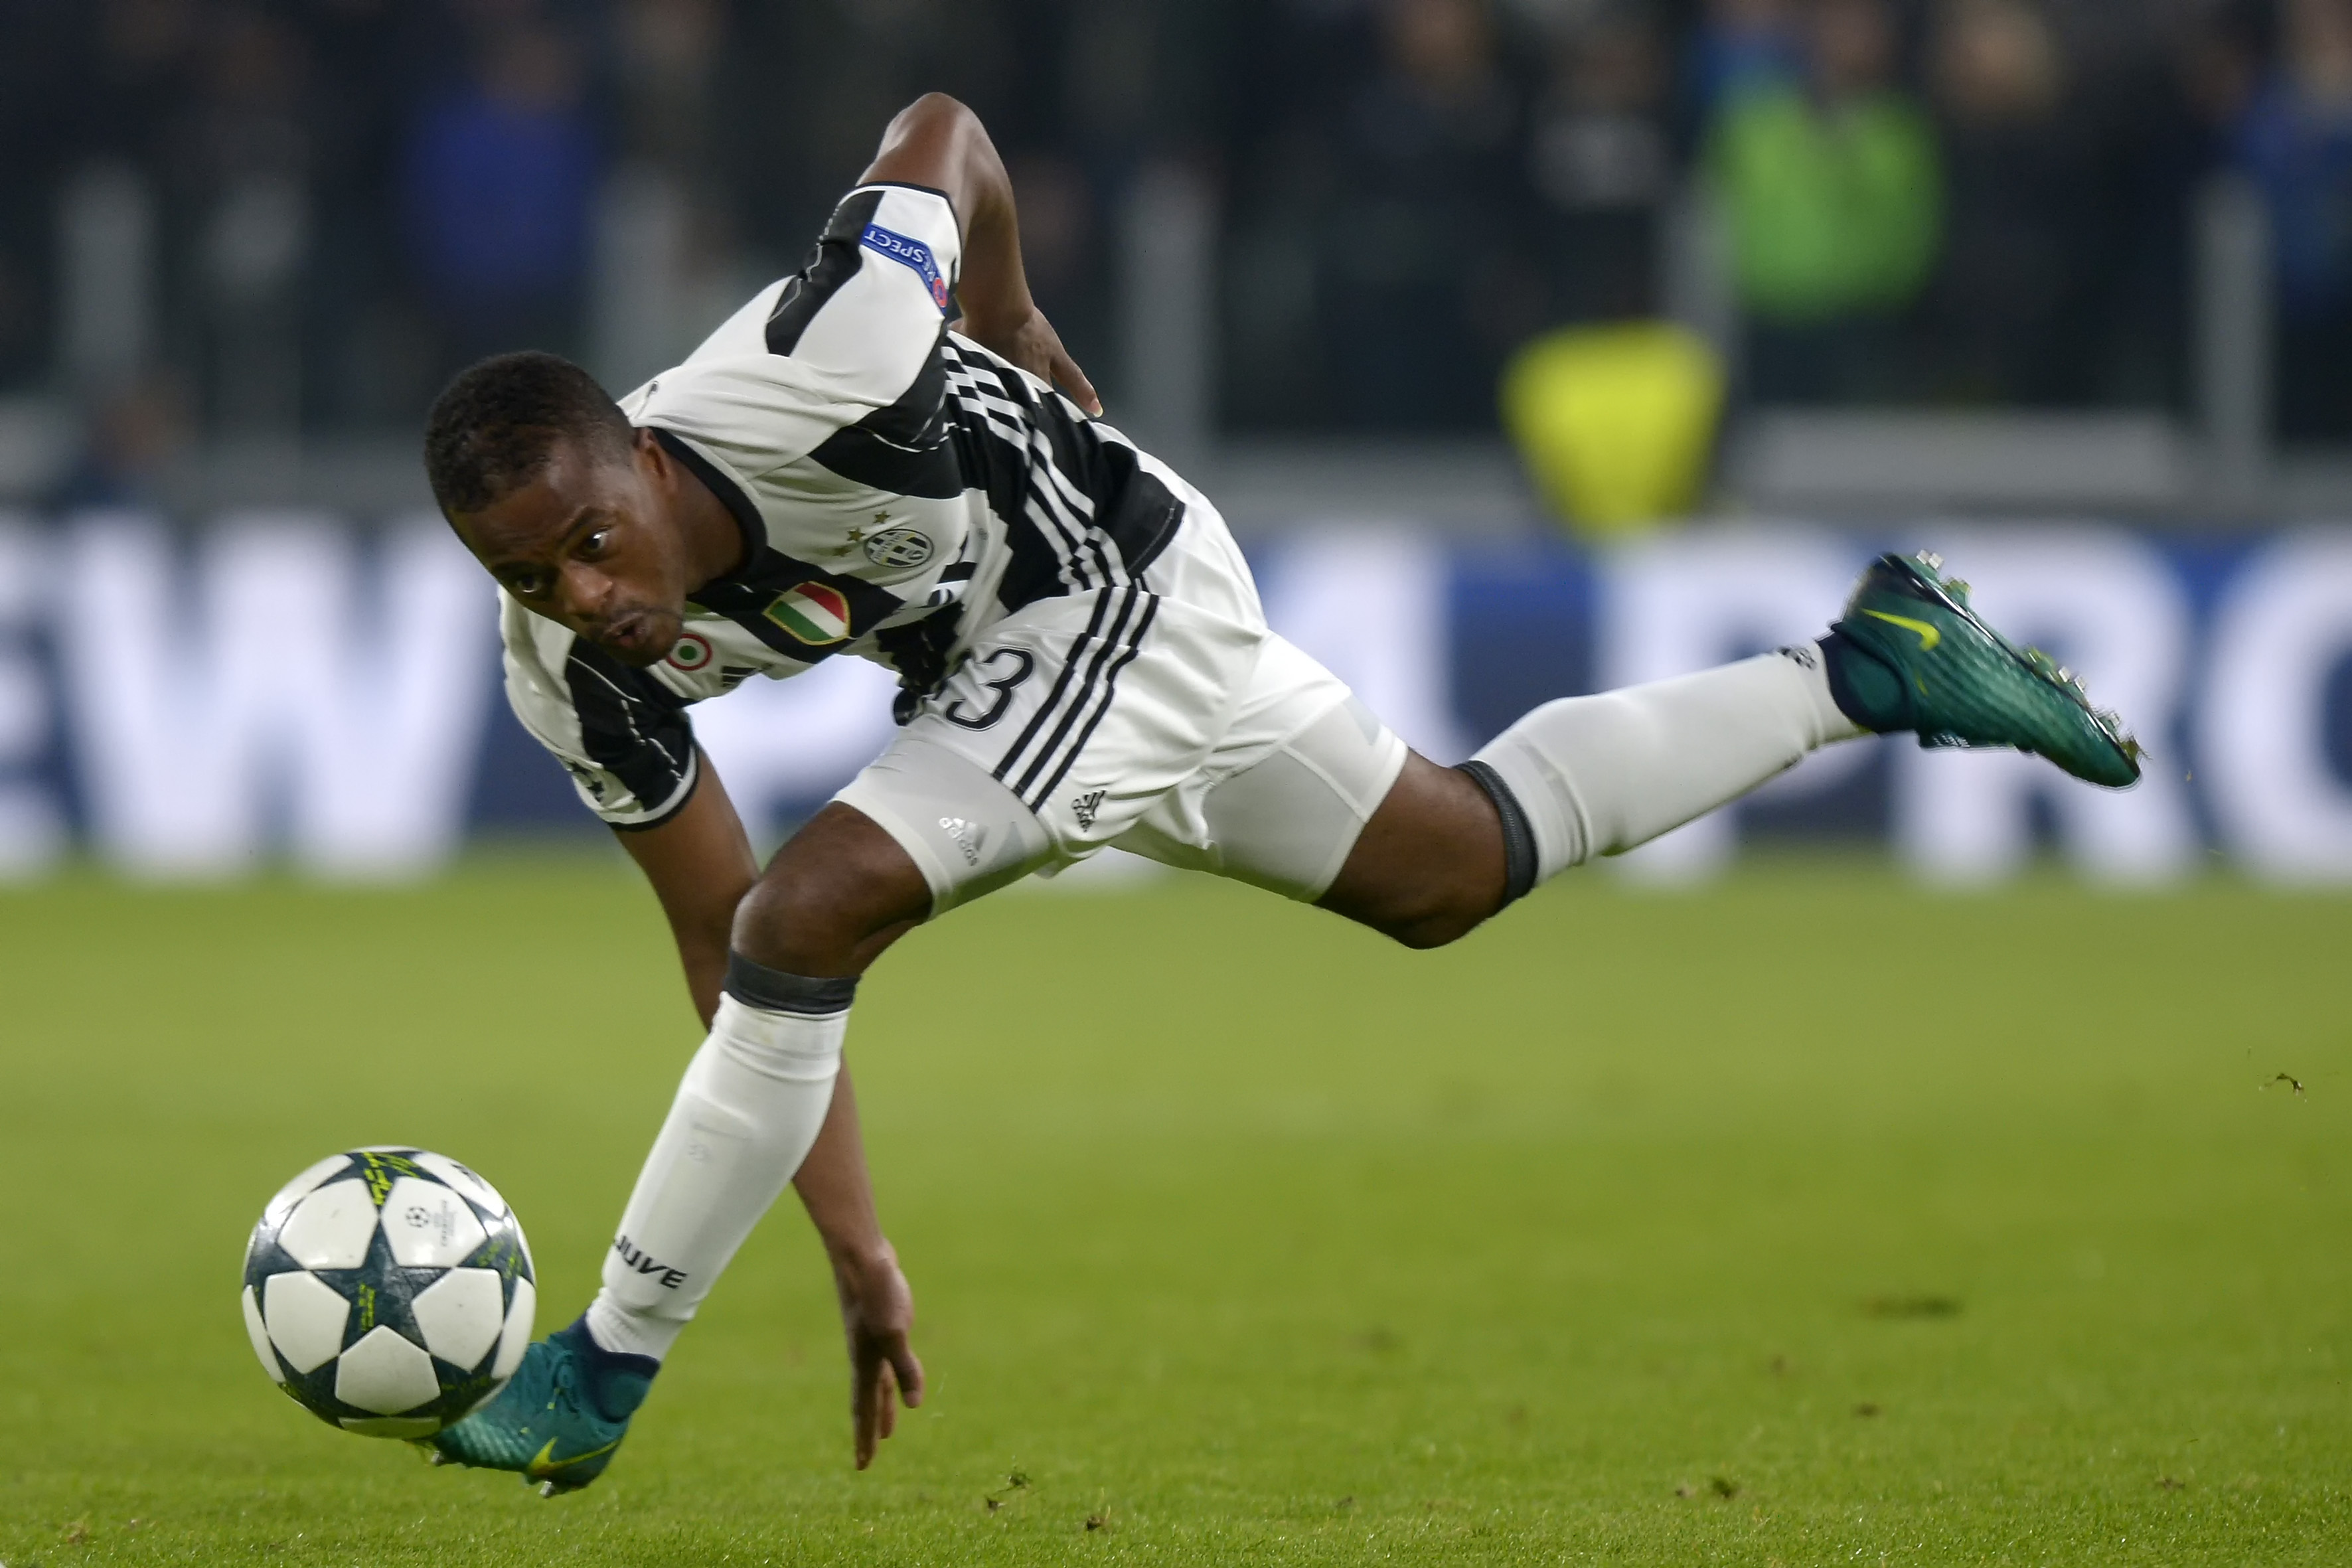 Football - Transferts - Evra, un départ qui se précise